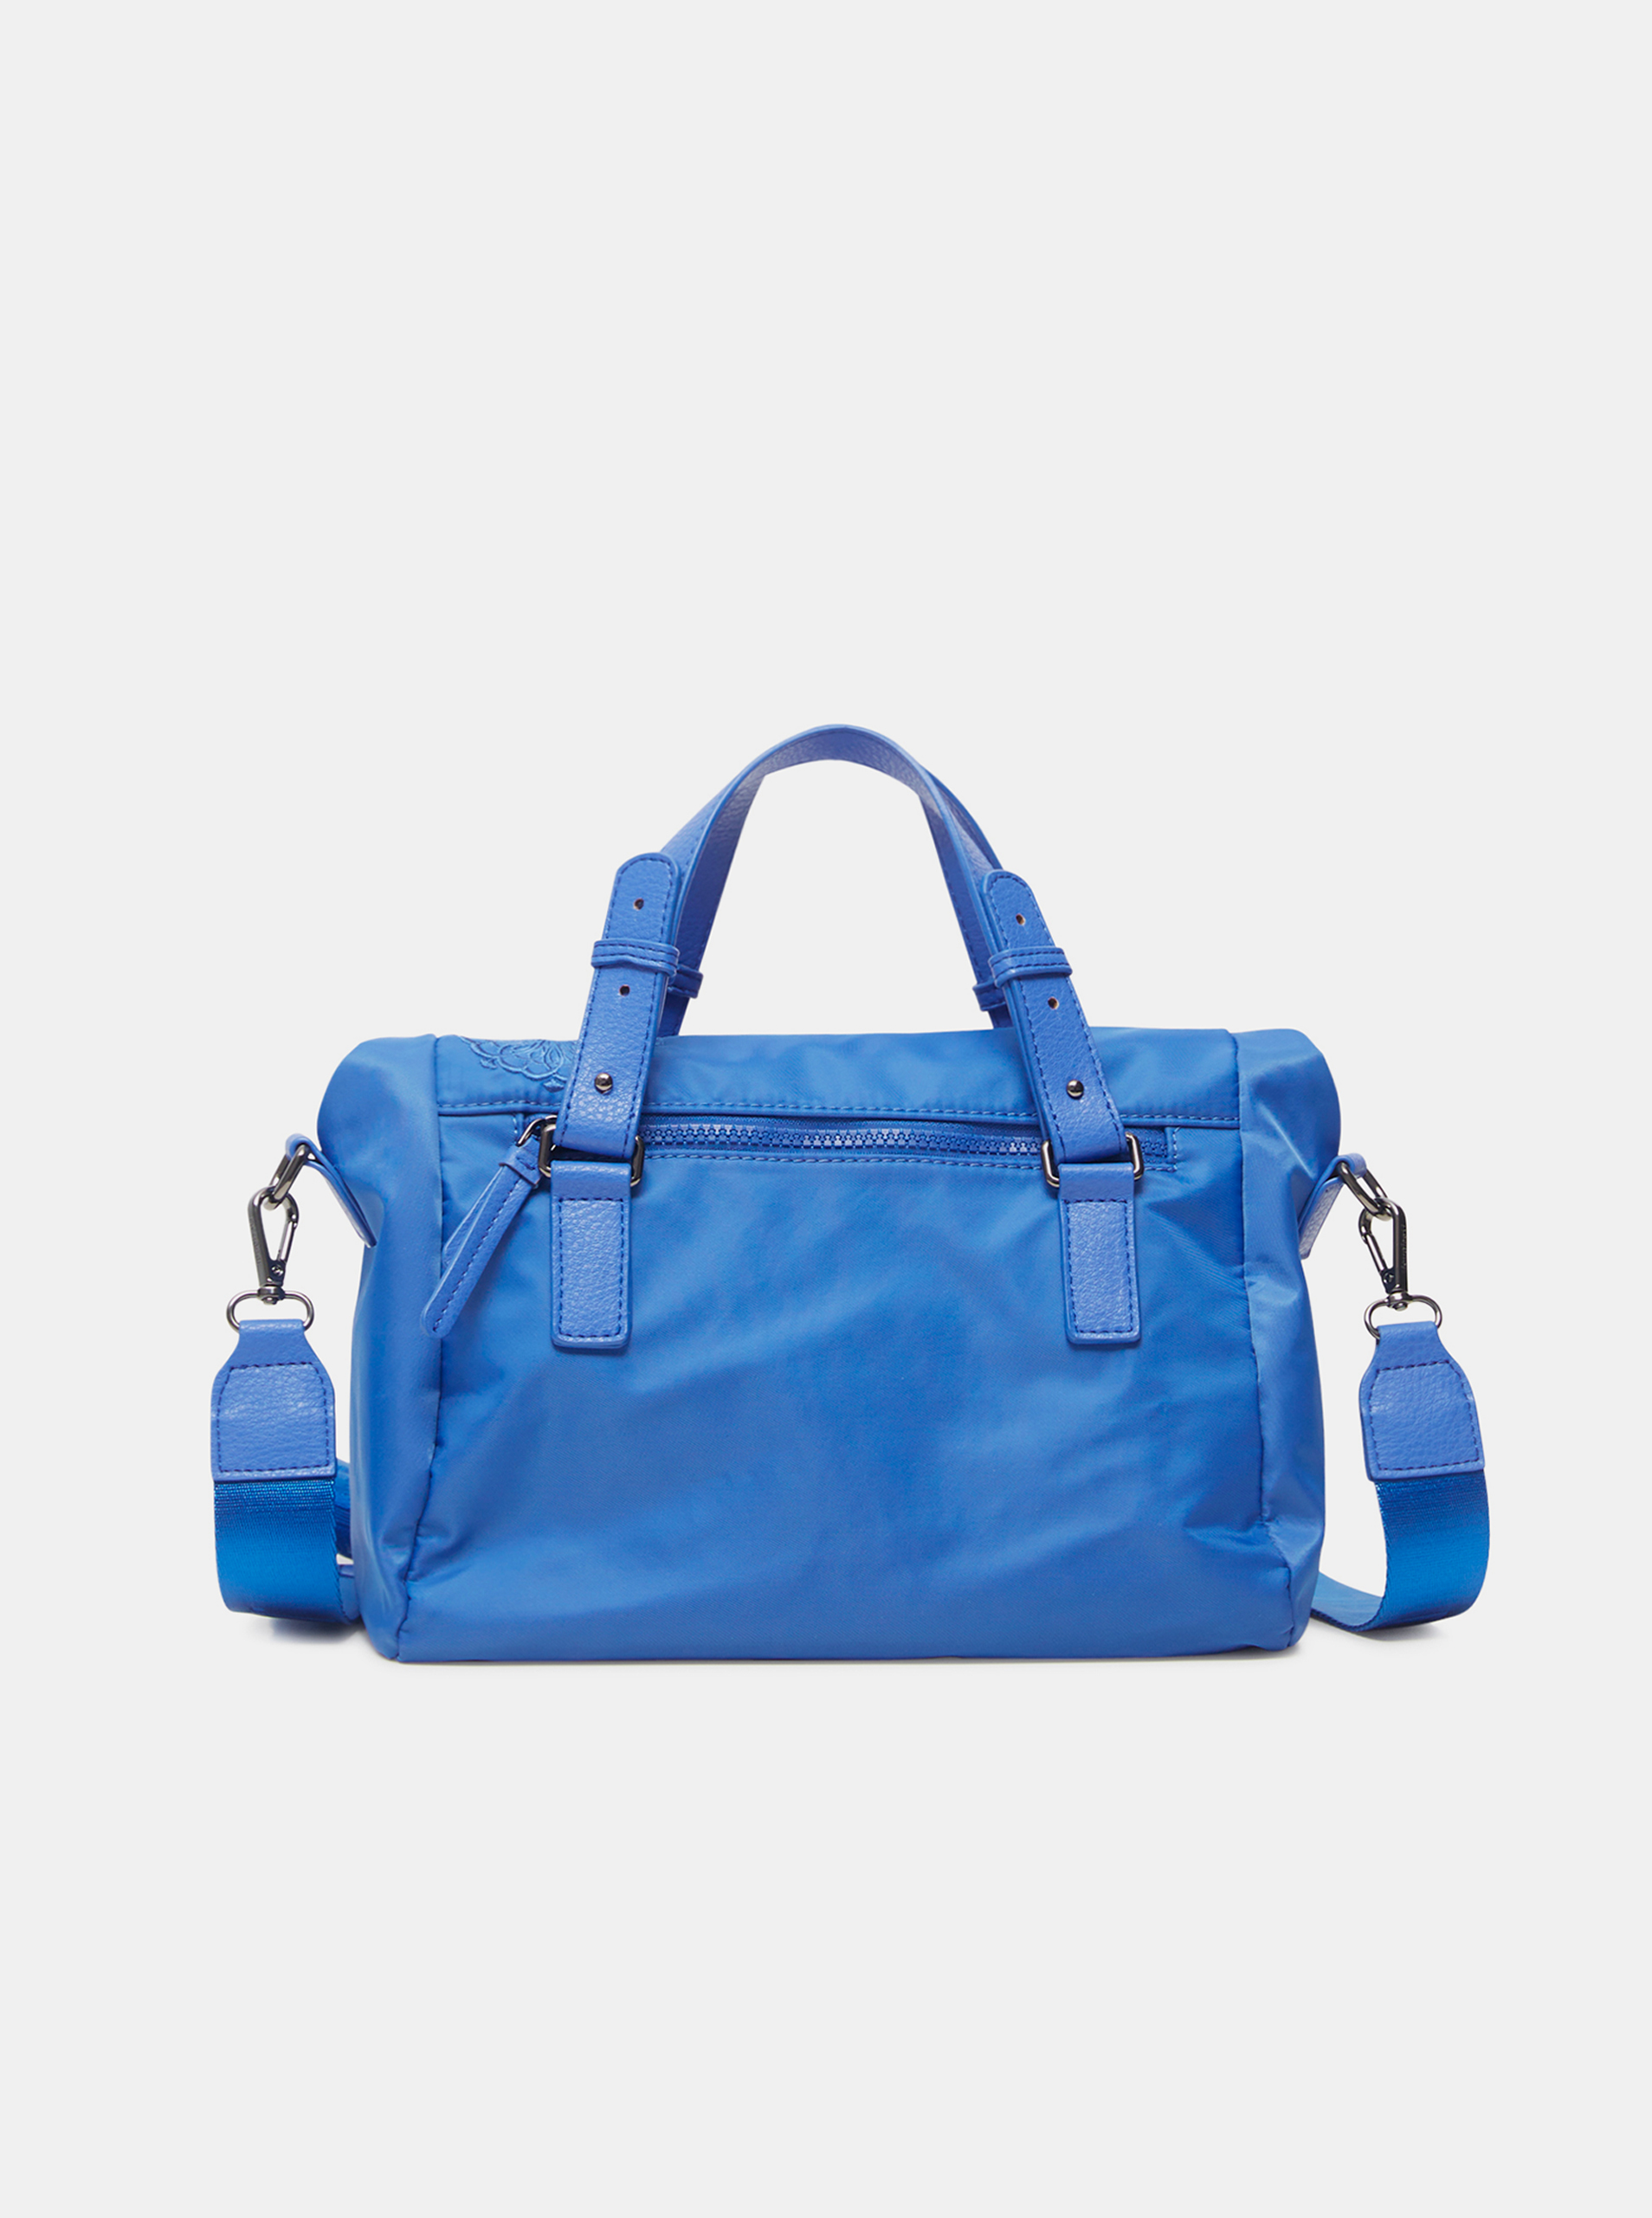 Синя дамска чанта с шарки Desigual Mandrala Loverty 2.0